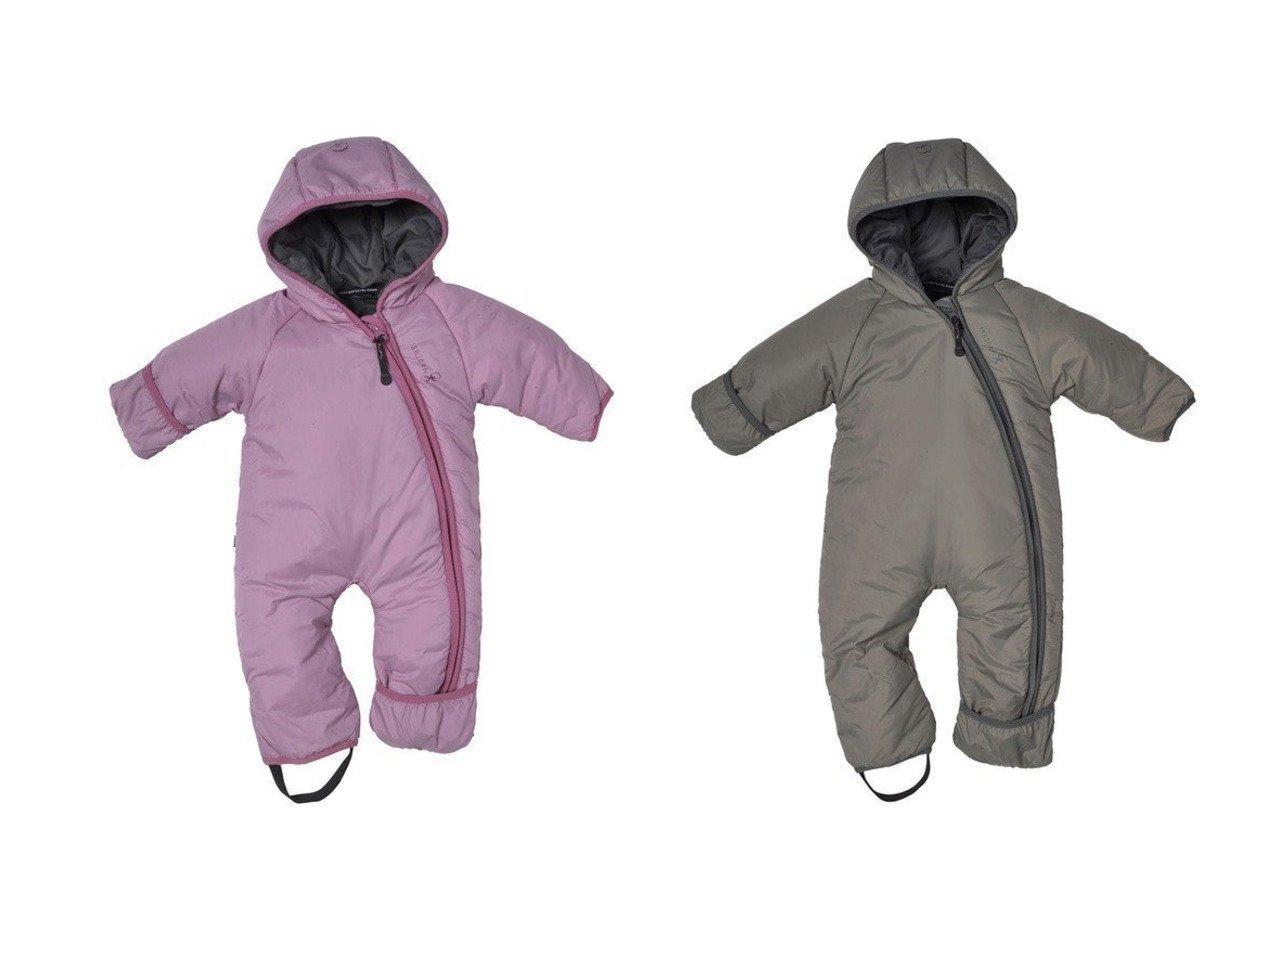 【PeakPerformance / MEN/ピークパフォーマンス】のISBJORN【中綿入り】Frost Baby Jumpsuit 【BABY】ベビー服のおすすめ!人気、キッズファッションの通販  おすすめで人気の流行・トレンド、ファッションの通販商品 メンズファッション・キッズファッション・インテリア・家具・レディースファッション・服の通販 founy(ファニー) https://founy.com/ ファッション Fashion キッズファッション KIDS 送料無料 Free Shipping ジップ ダウン ベビー 軽量 |ID:crp329100000013832